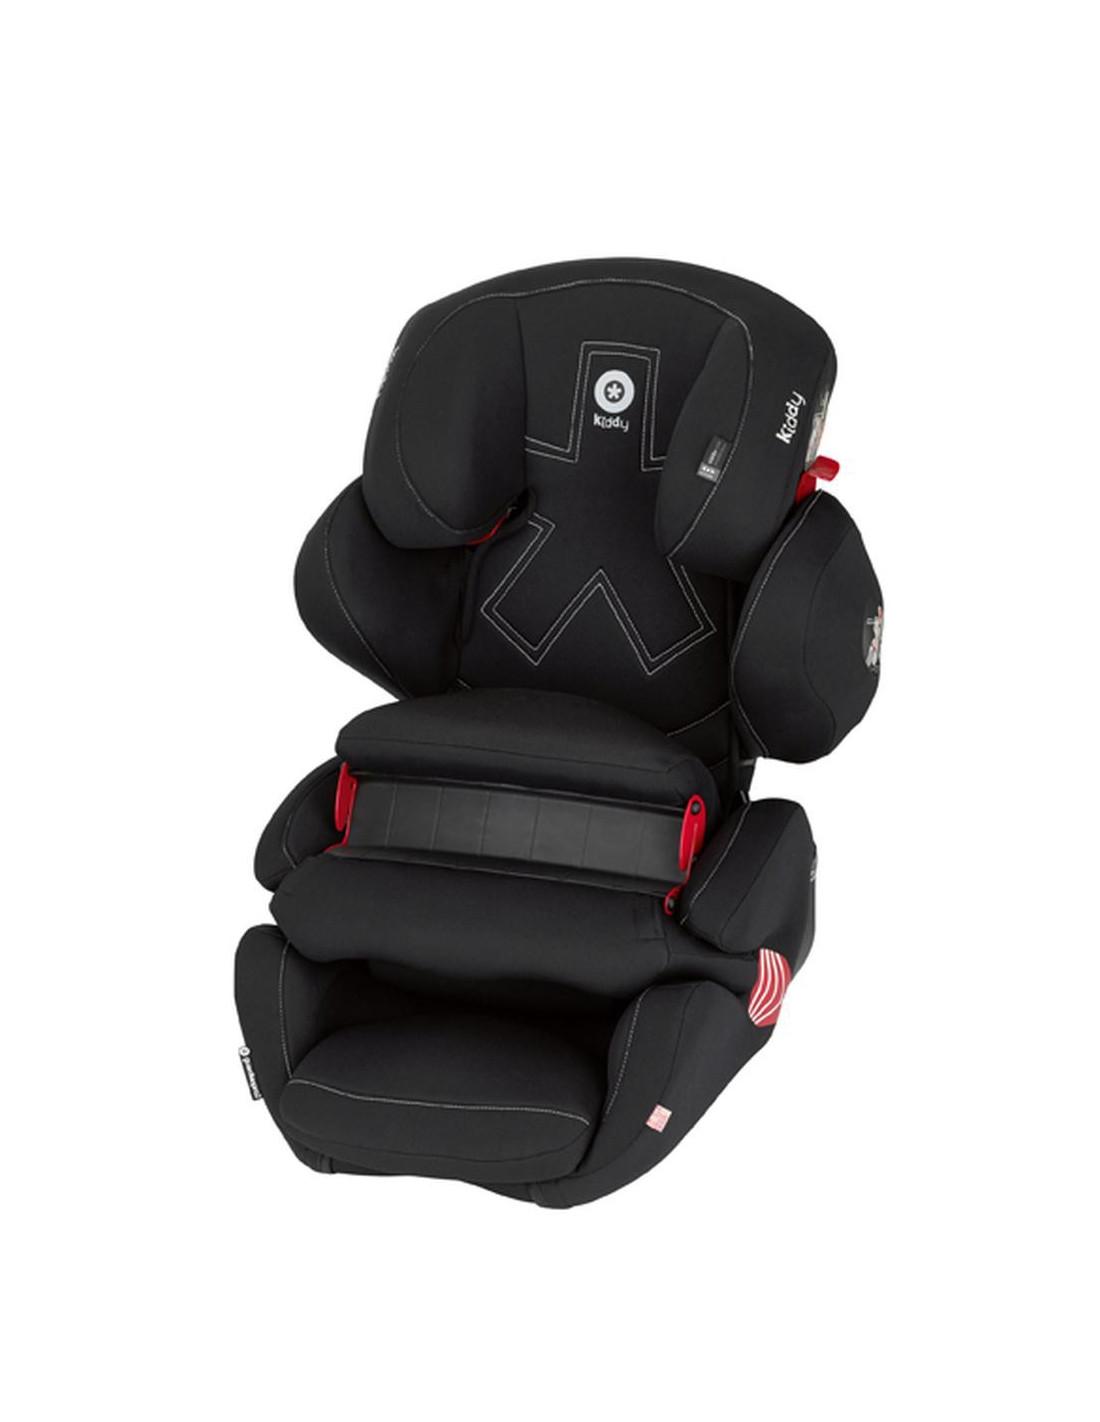 Kiddy guardian pro 2 grupo 1 2 3 la silla de auto m s segura - Sillas grupo 2 3 mas seguras ...